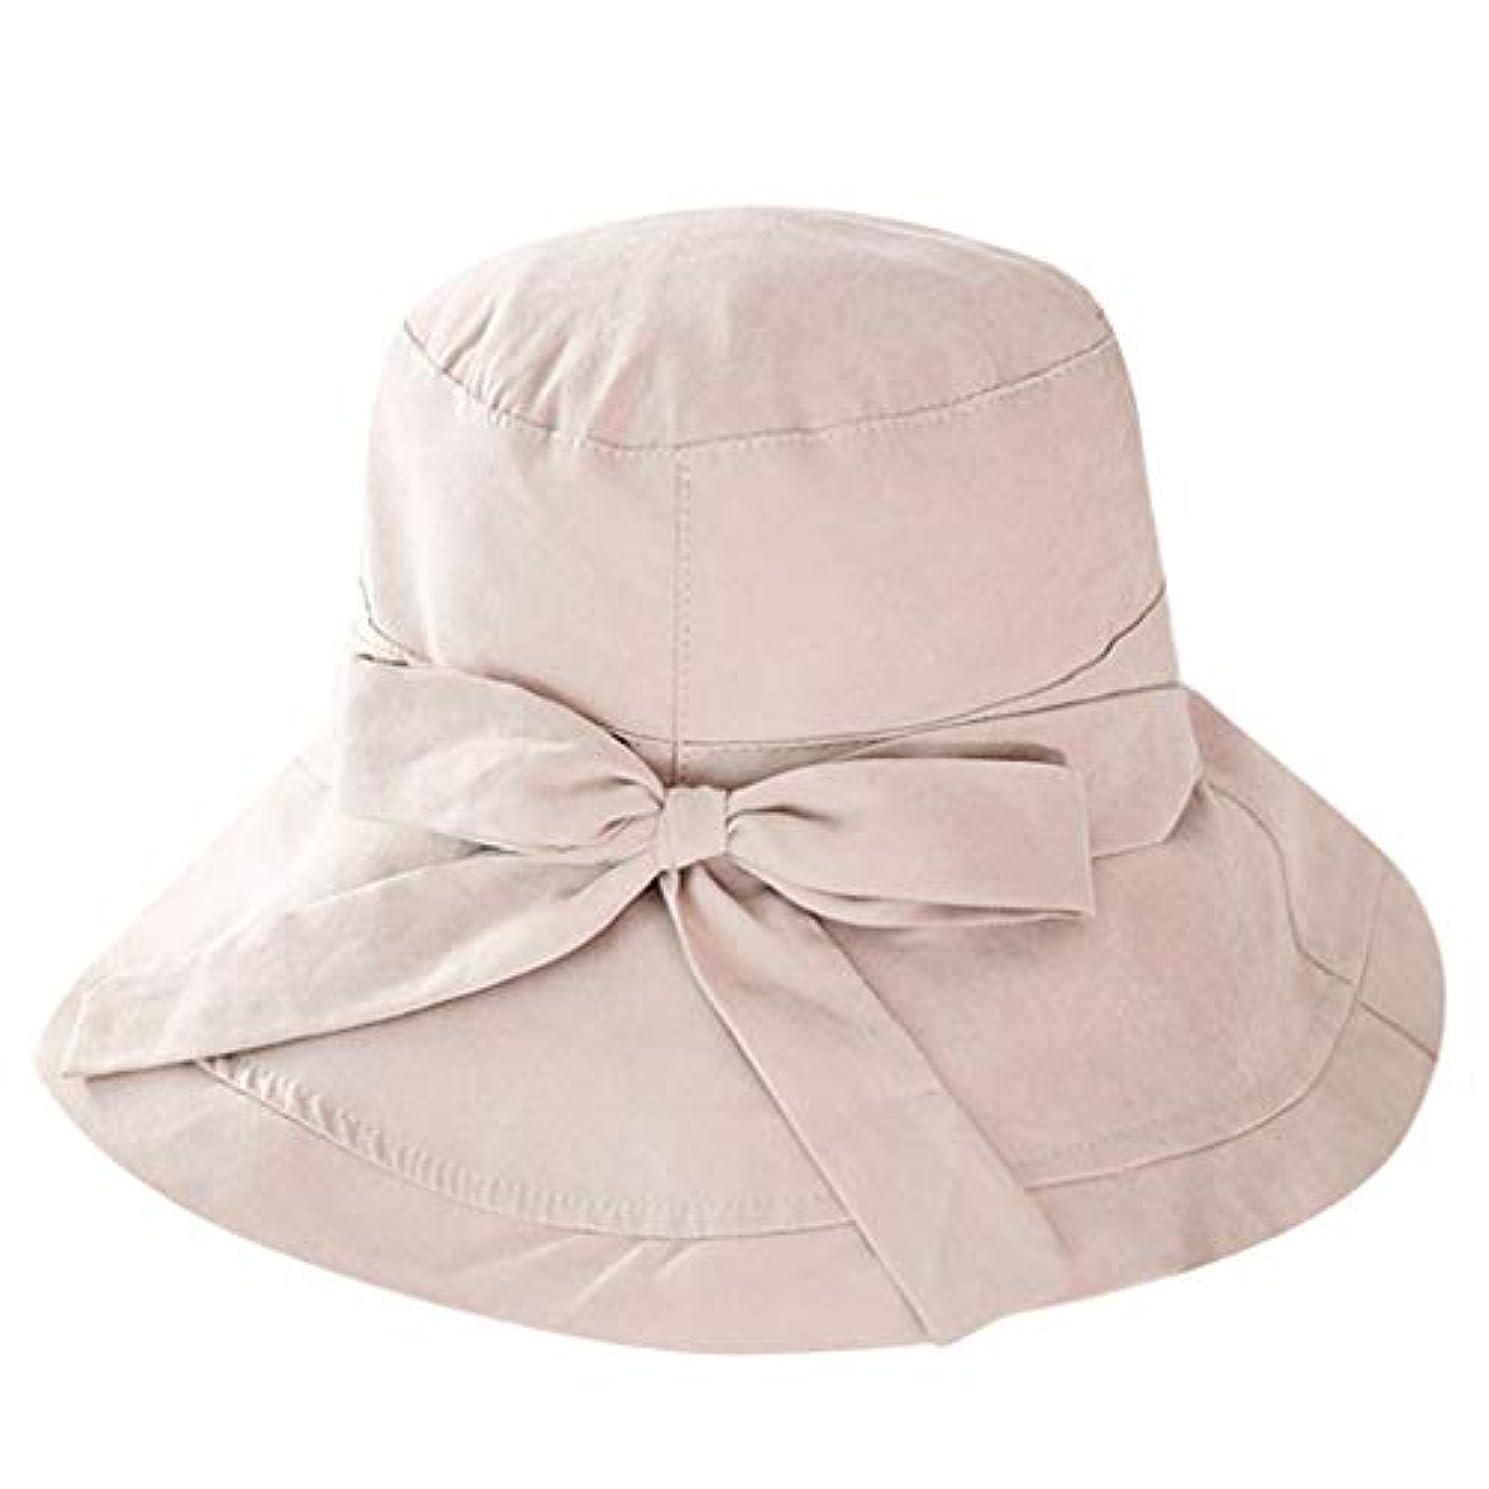 威する質量シャッフルKaiweini レディース夏漁夫帽カジュアル日よけバイザービッグエッジクロスキャップ人気の屋外折りたたみビーチキャップチャイルドハット日焼け止め太陽帽